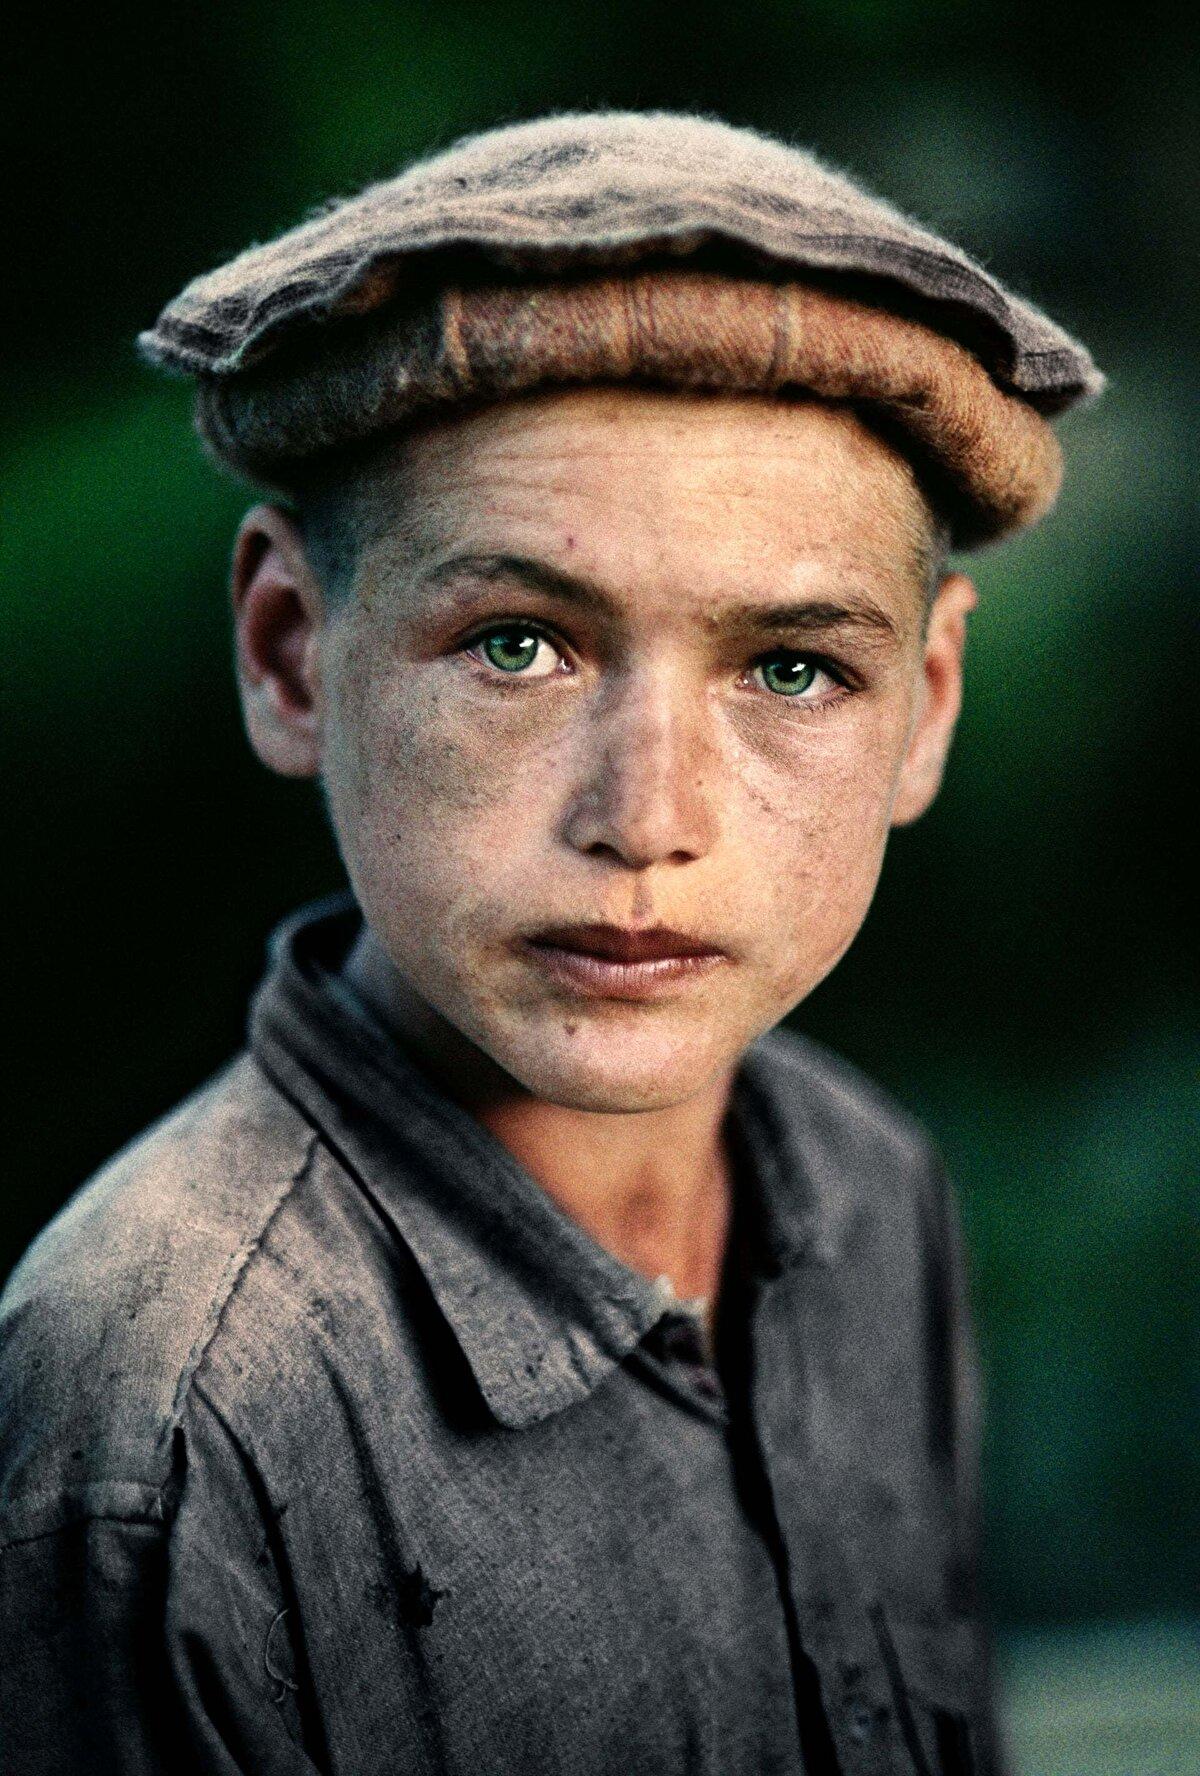 Kuzey Afganistan'da bir köylü çocuğu. Nuristan Vilayeti, 1992.